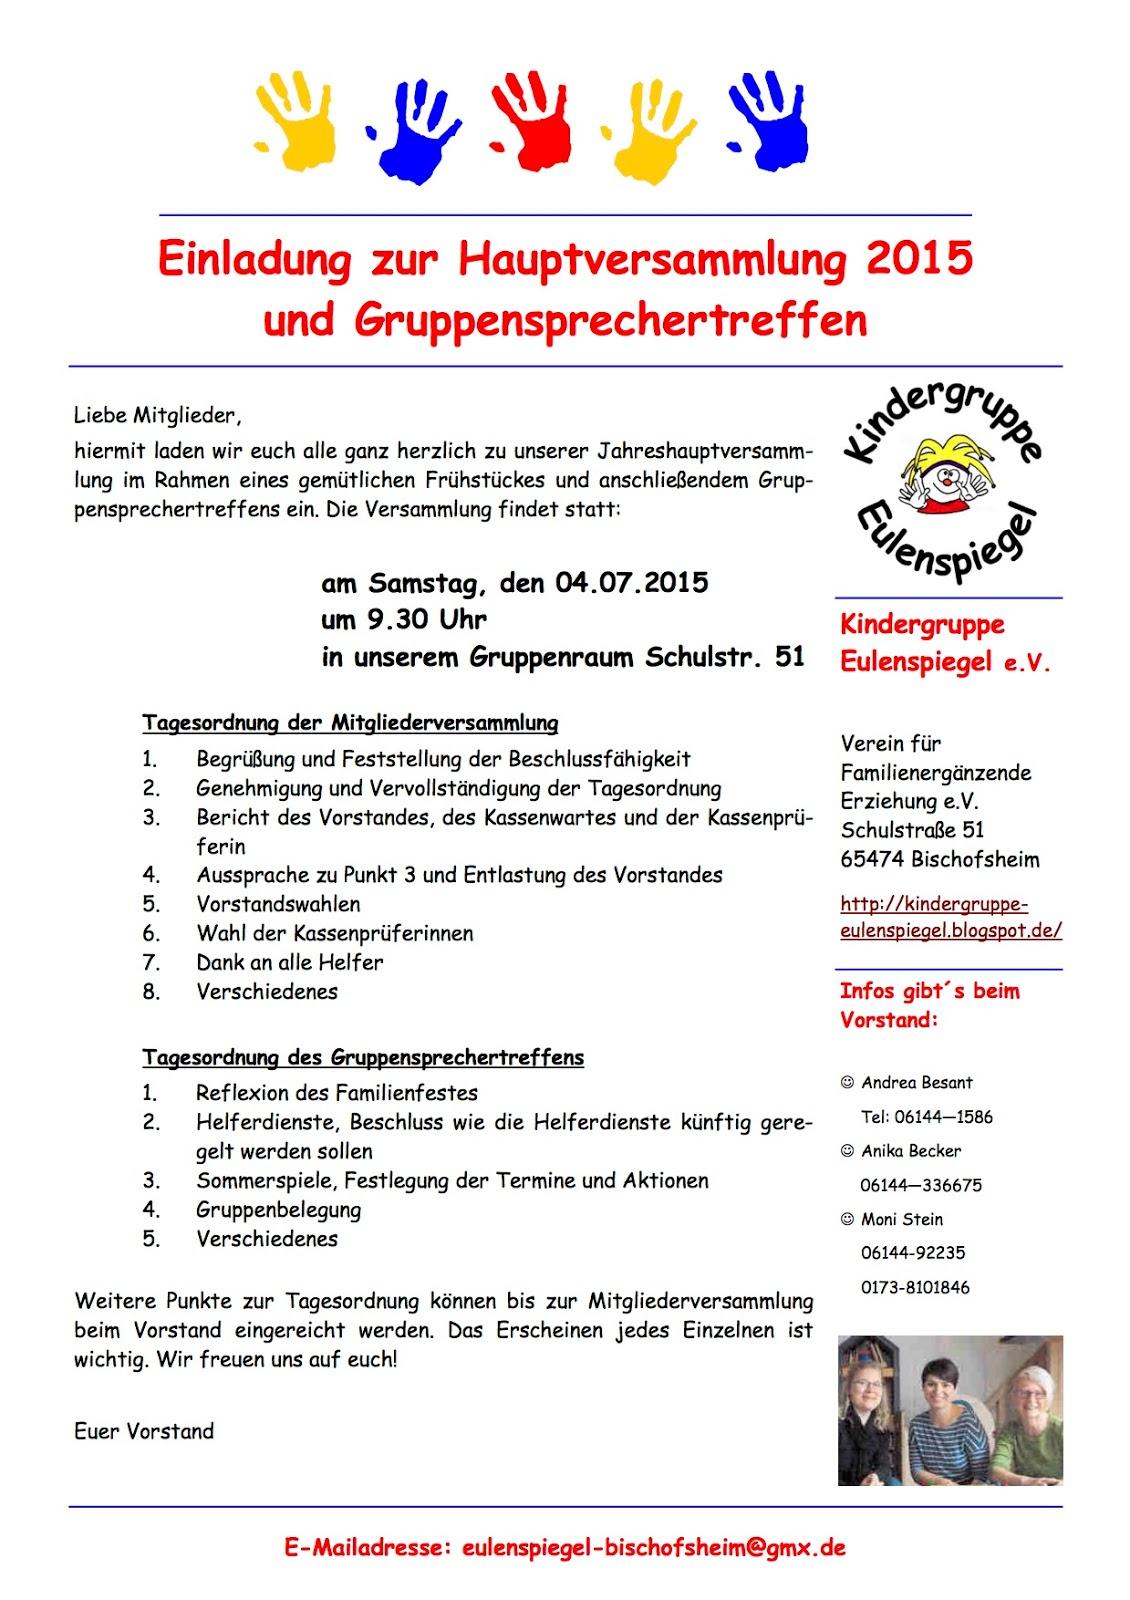 kindergruppe eulenspiegel : einladung zur hauptversammlung am 4.7., Einladung